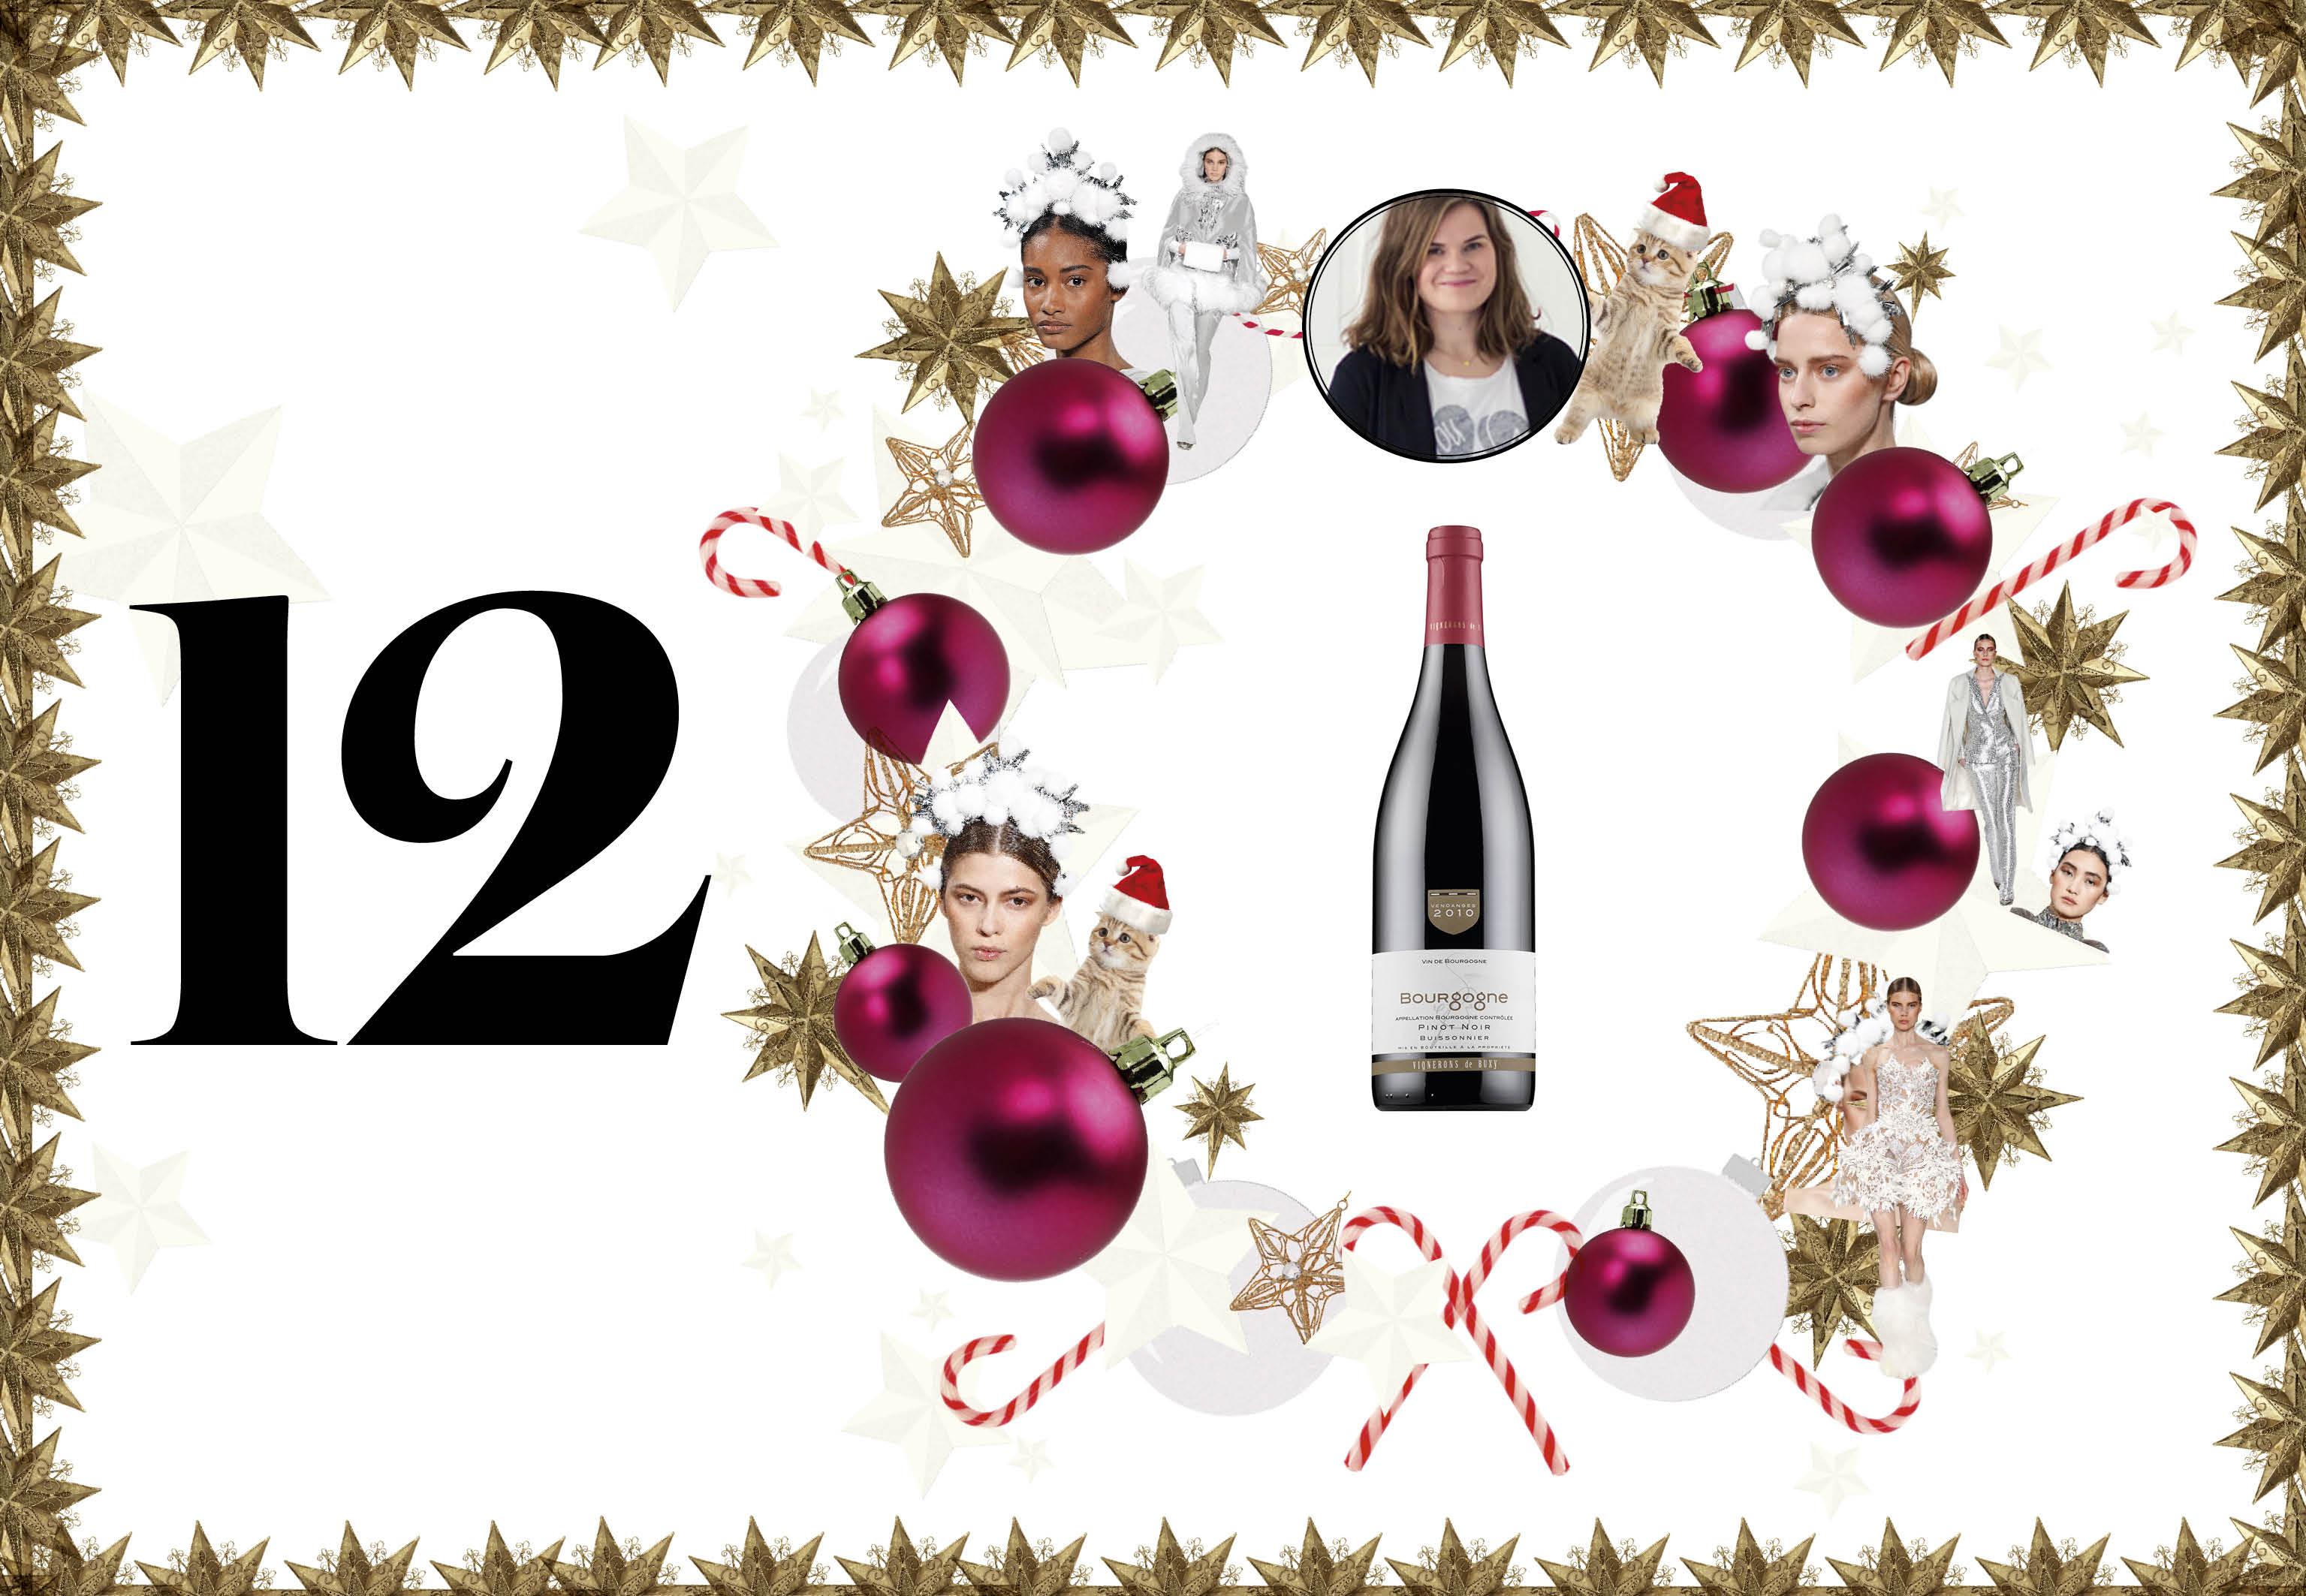 12_joulukalenteri_luukkut_loput5.jpg